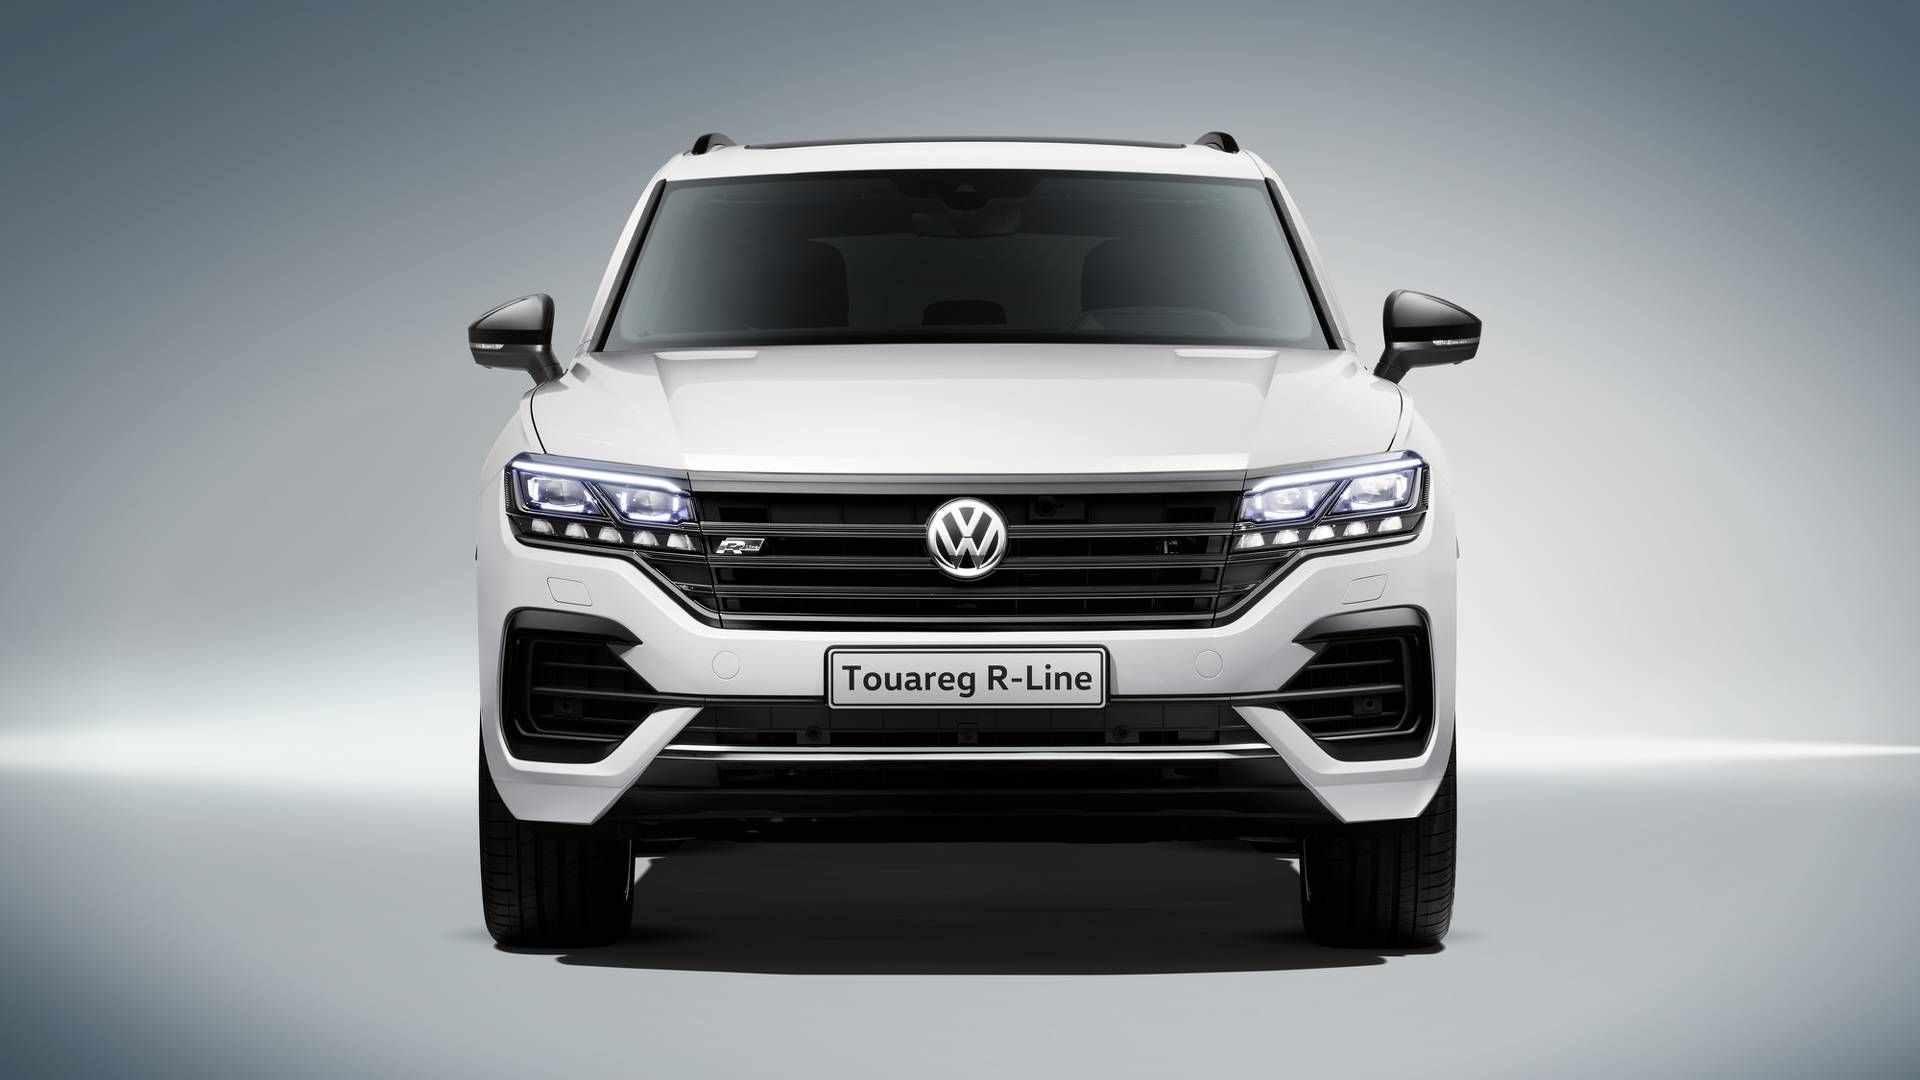 2020 Volkswagen Touareg Photos